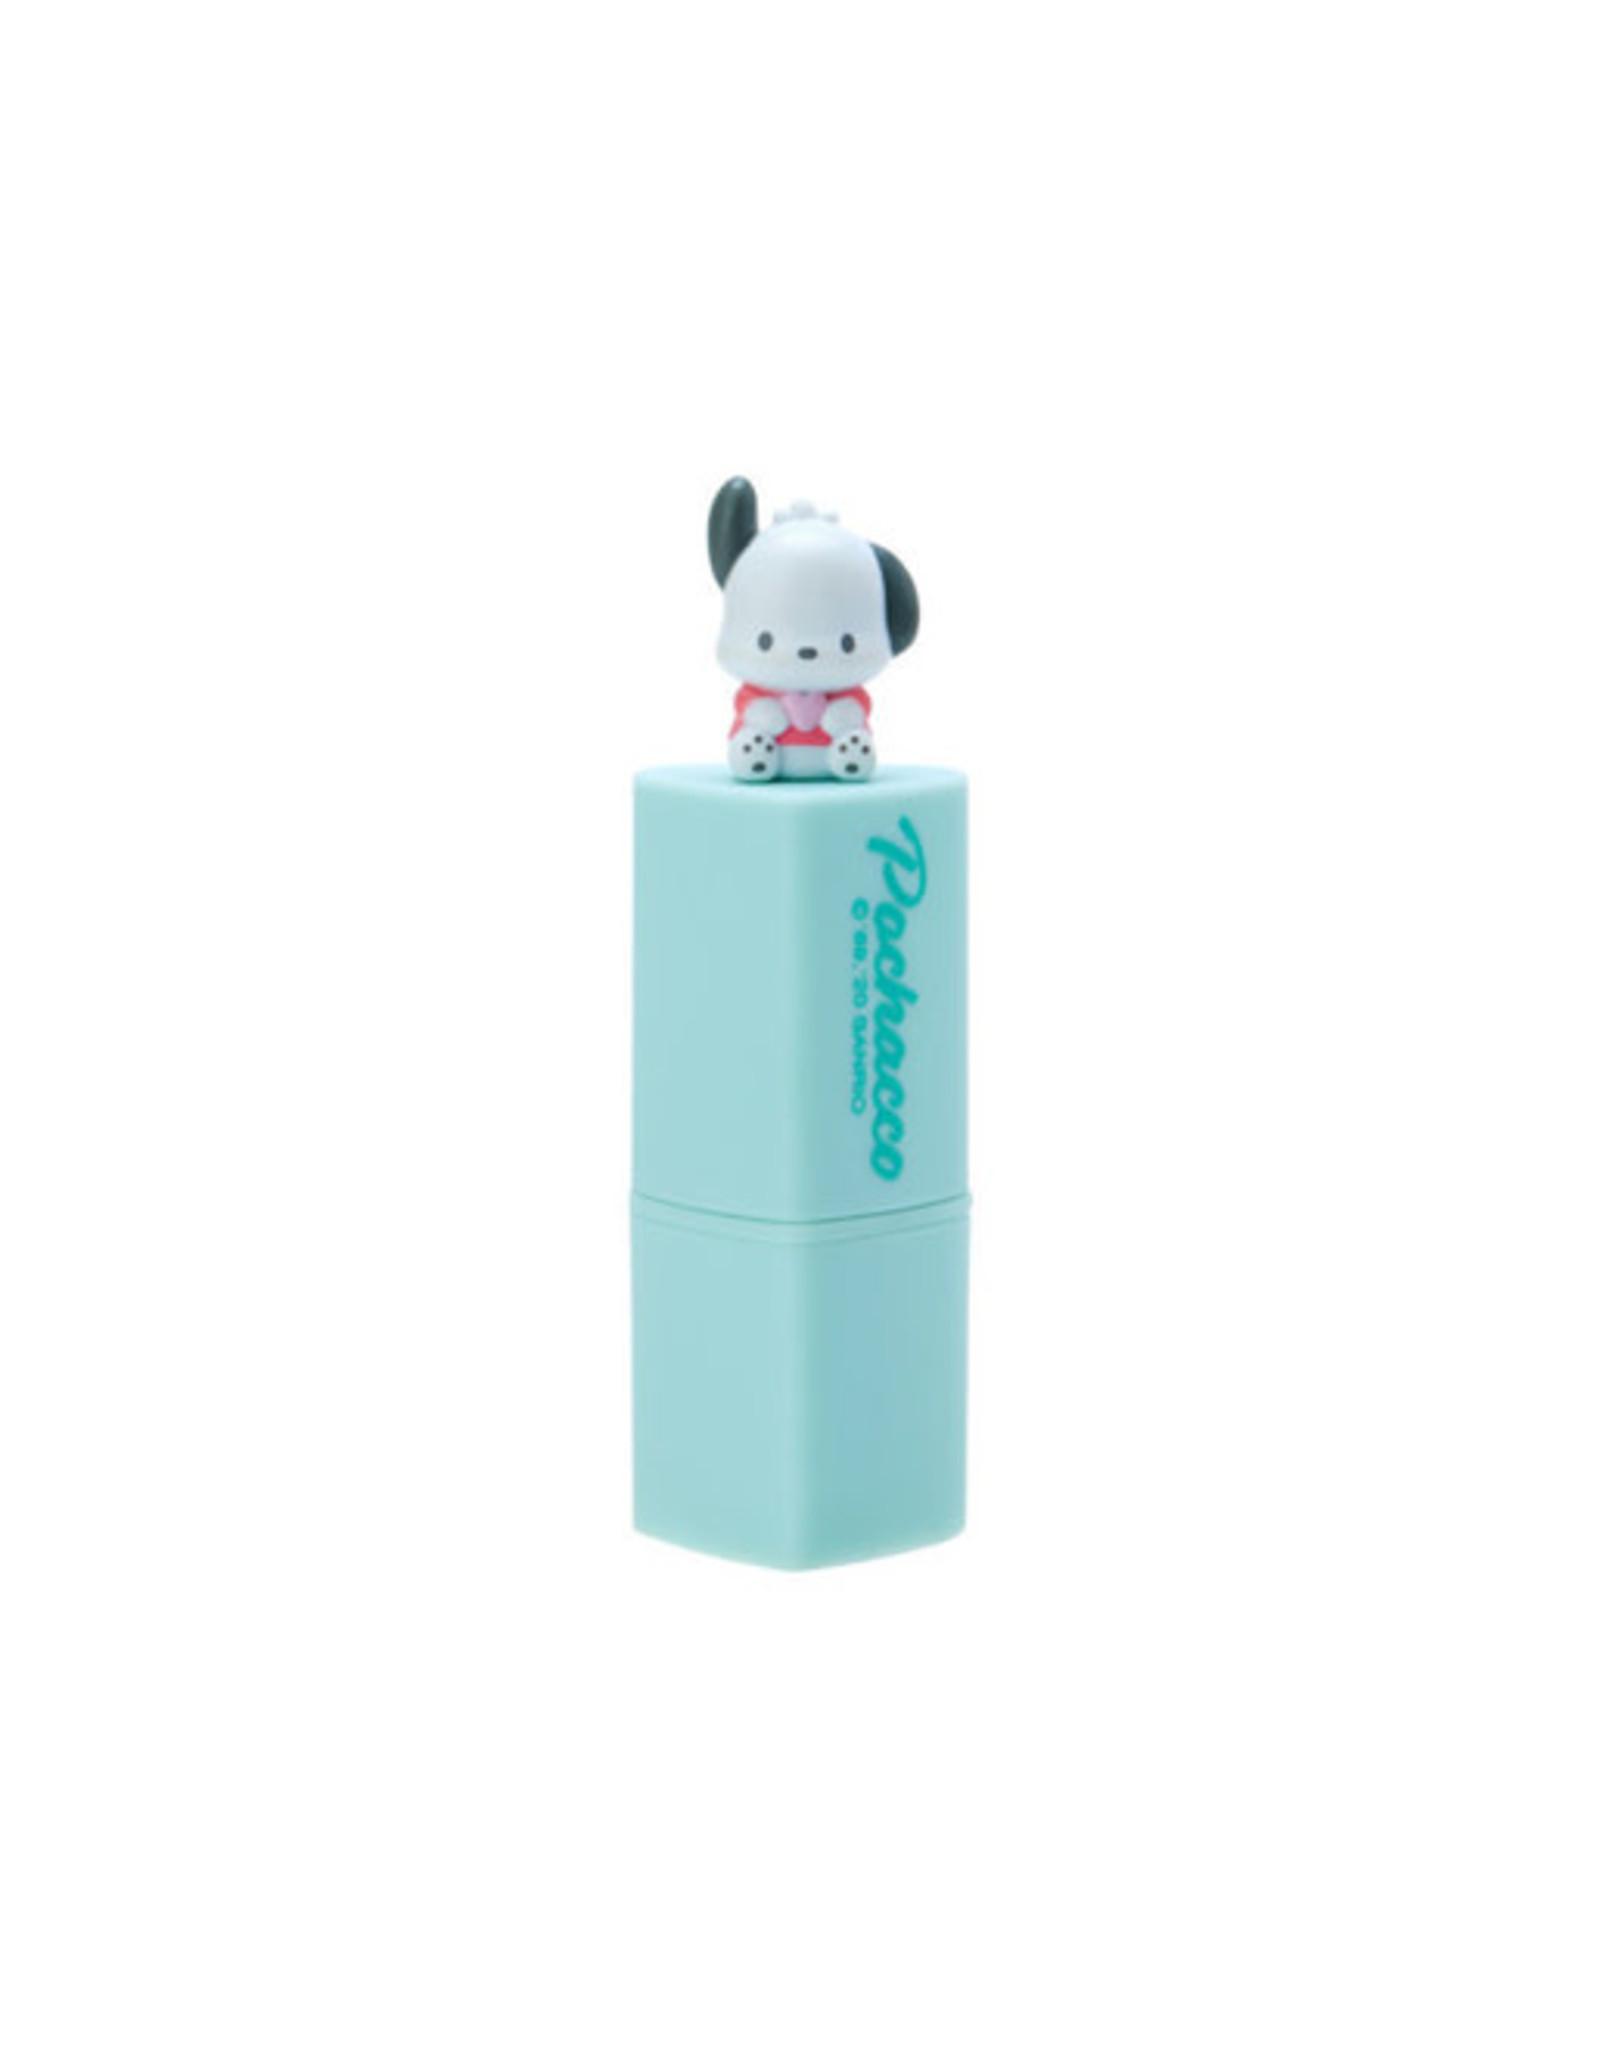 Sanrio Moist Lip Balm 3g